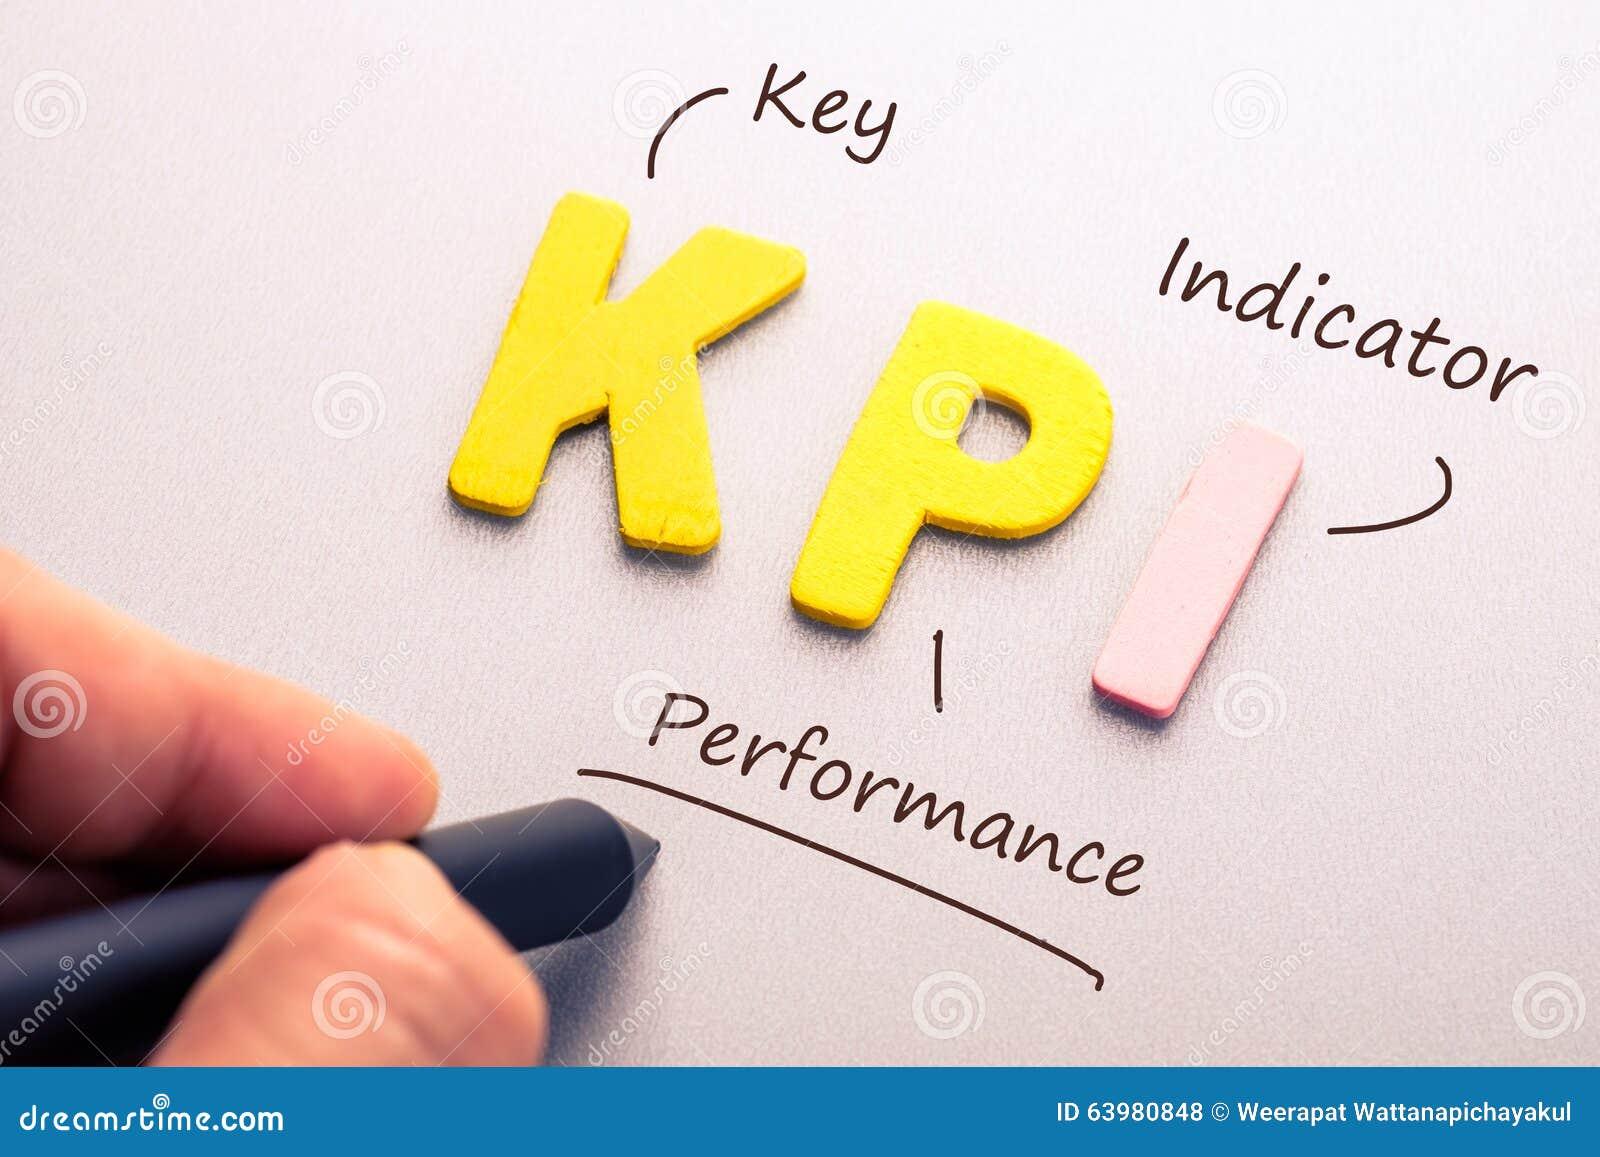 Kpi Stock Photo Image 63980848